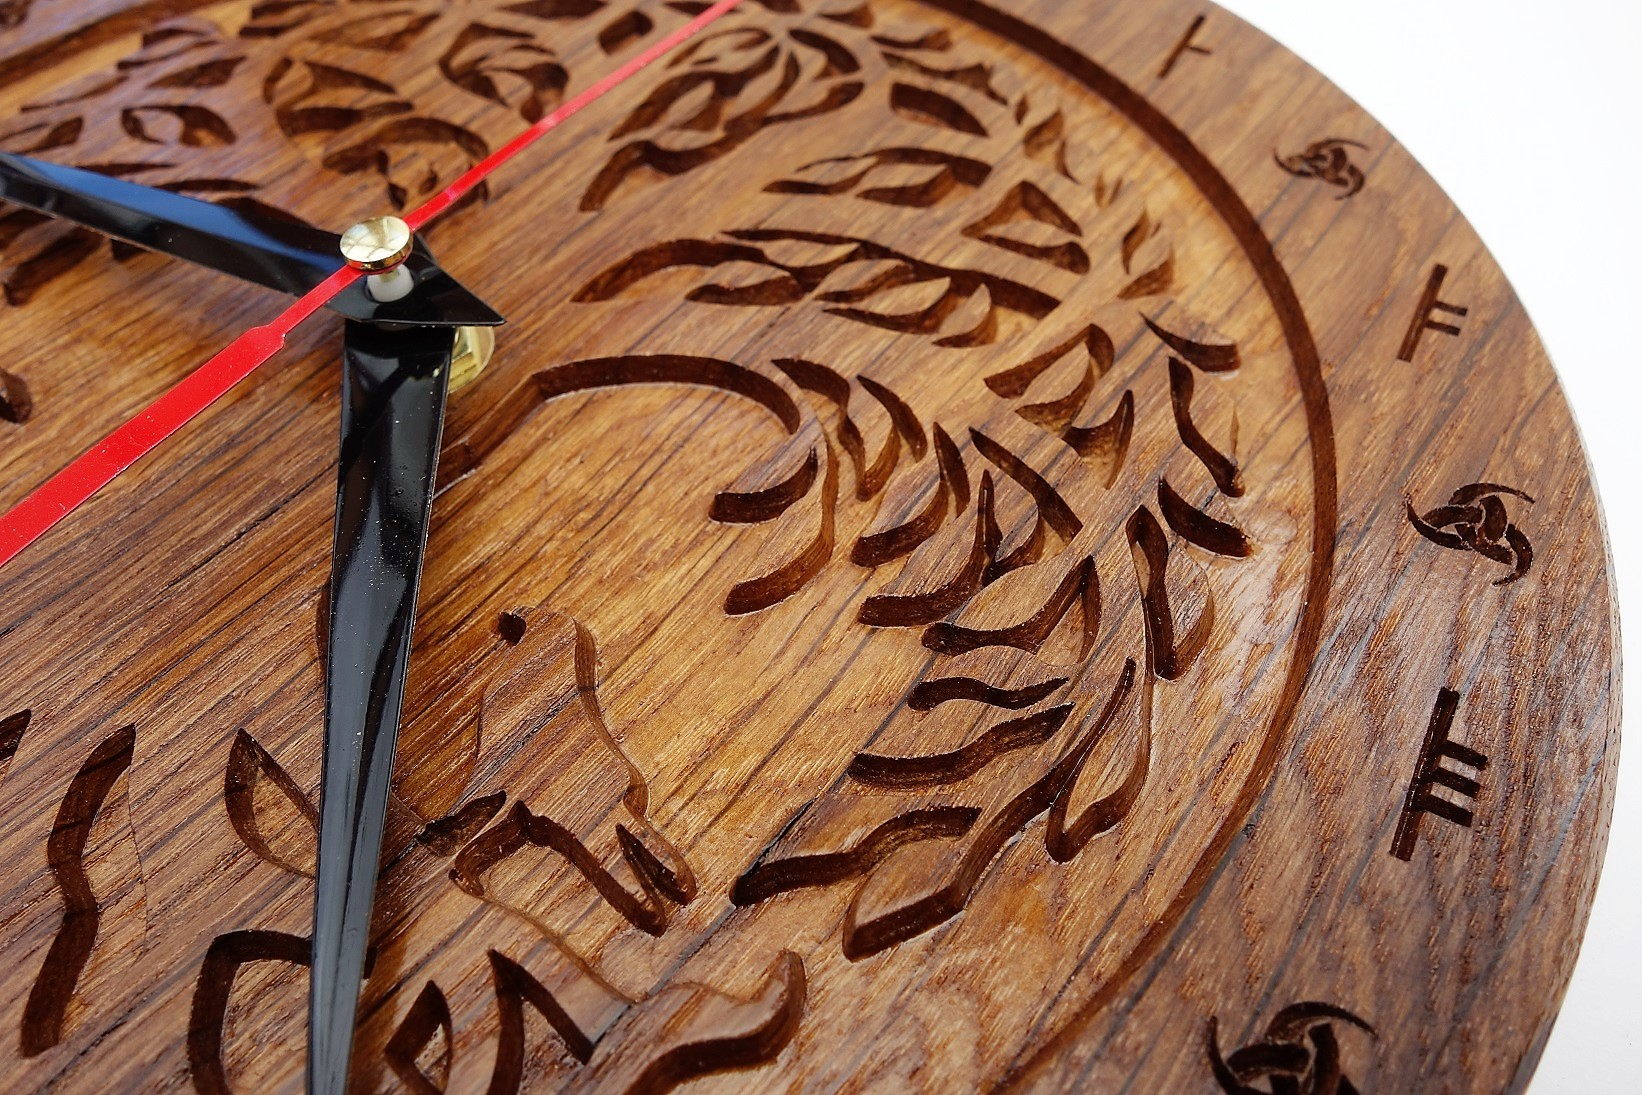 Horloge en bois de chêne décoré d'Yggdrasil l'arbre monde et des deux corbeaux d'Odin Munin et Hugin